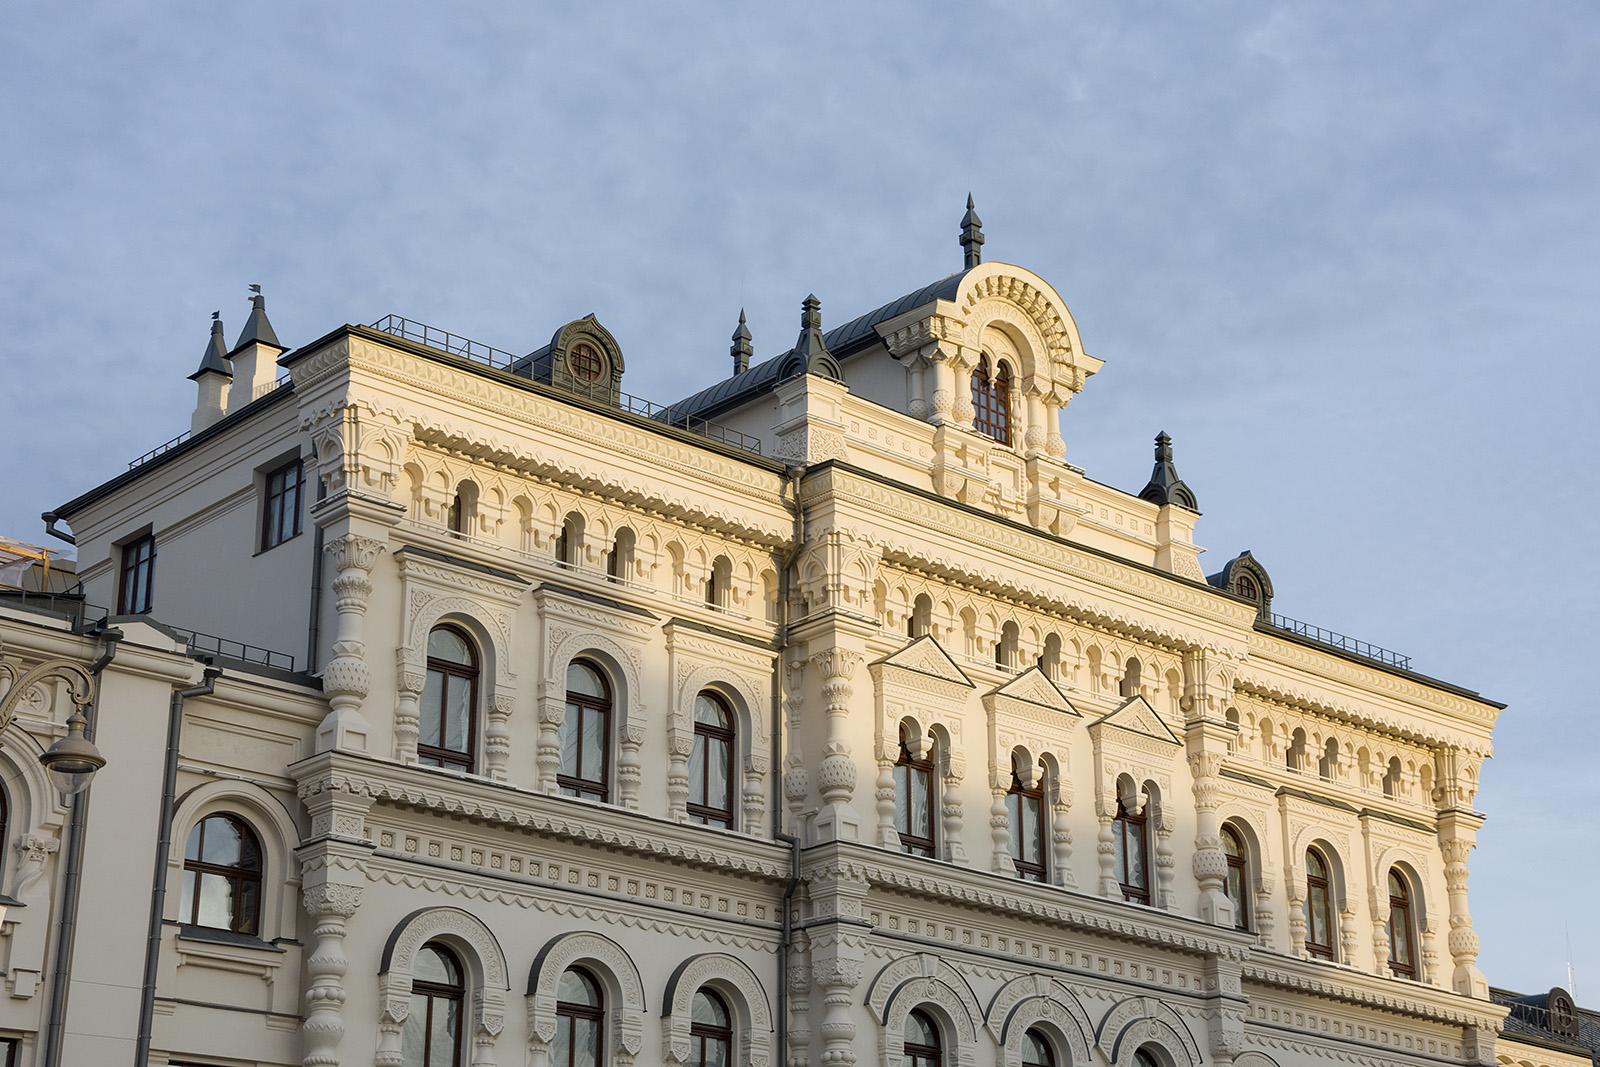 Как идёт реконструкция Политехнического музея? Часть 1 - 2